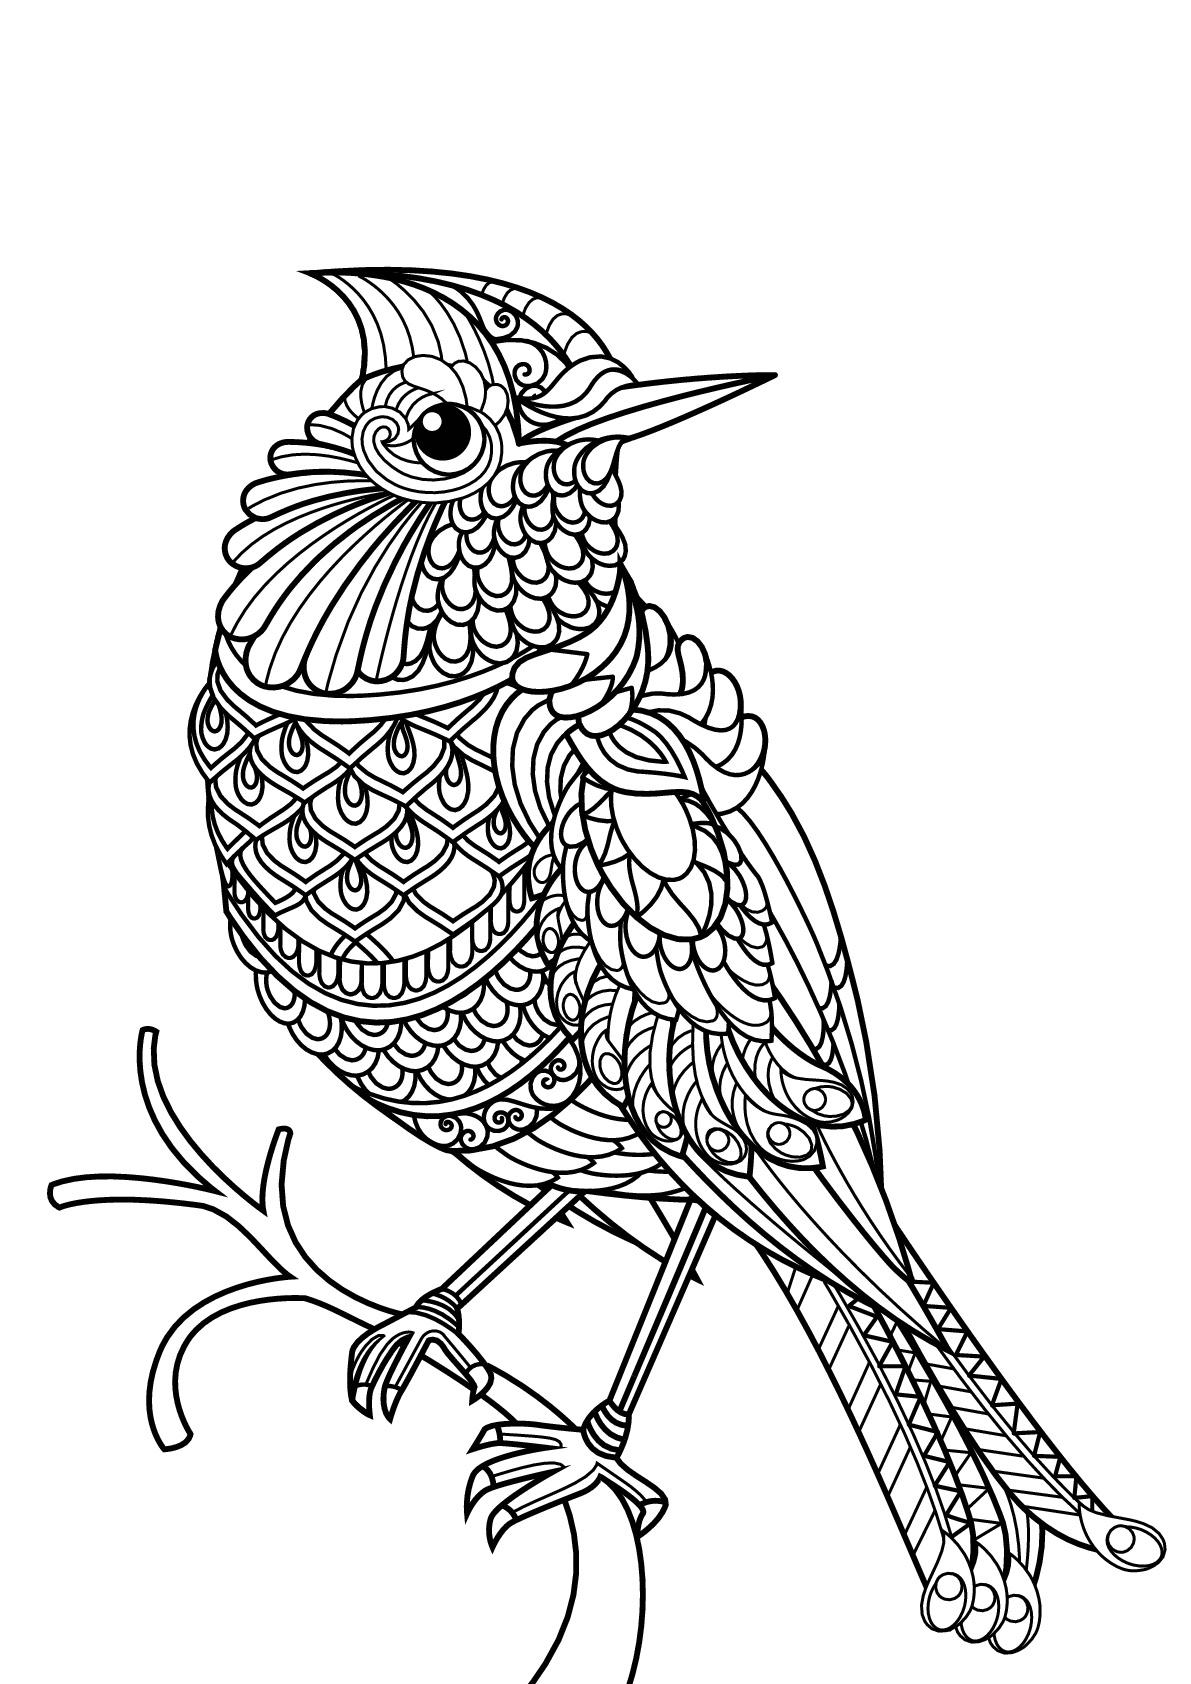 Livre Gratuit Oiseau - Oiseaux - Coloriages Difficiles Pour encequiconcerne Images D Oiseaux Gratuites